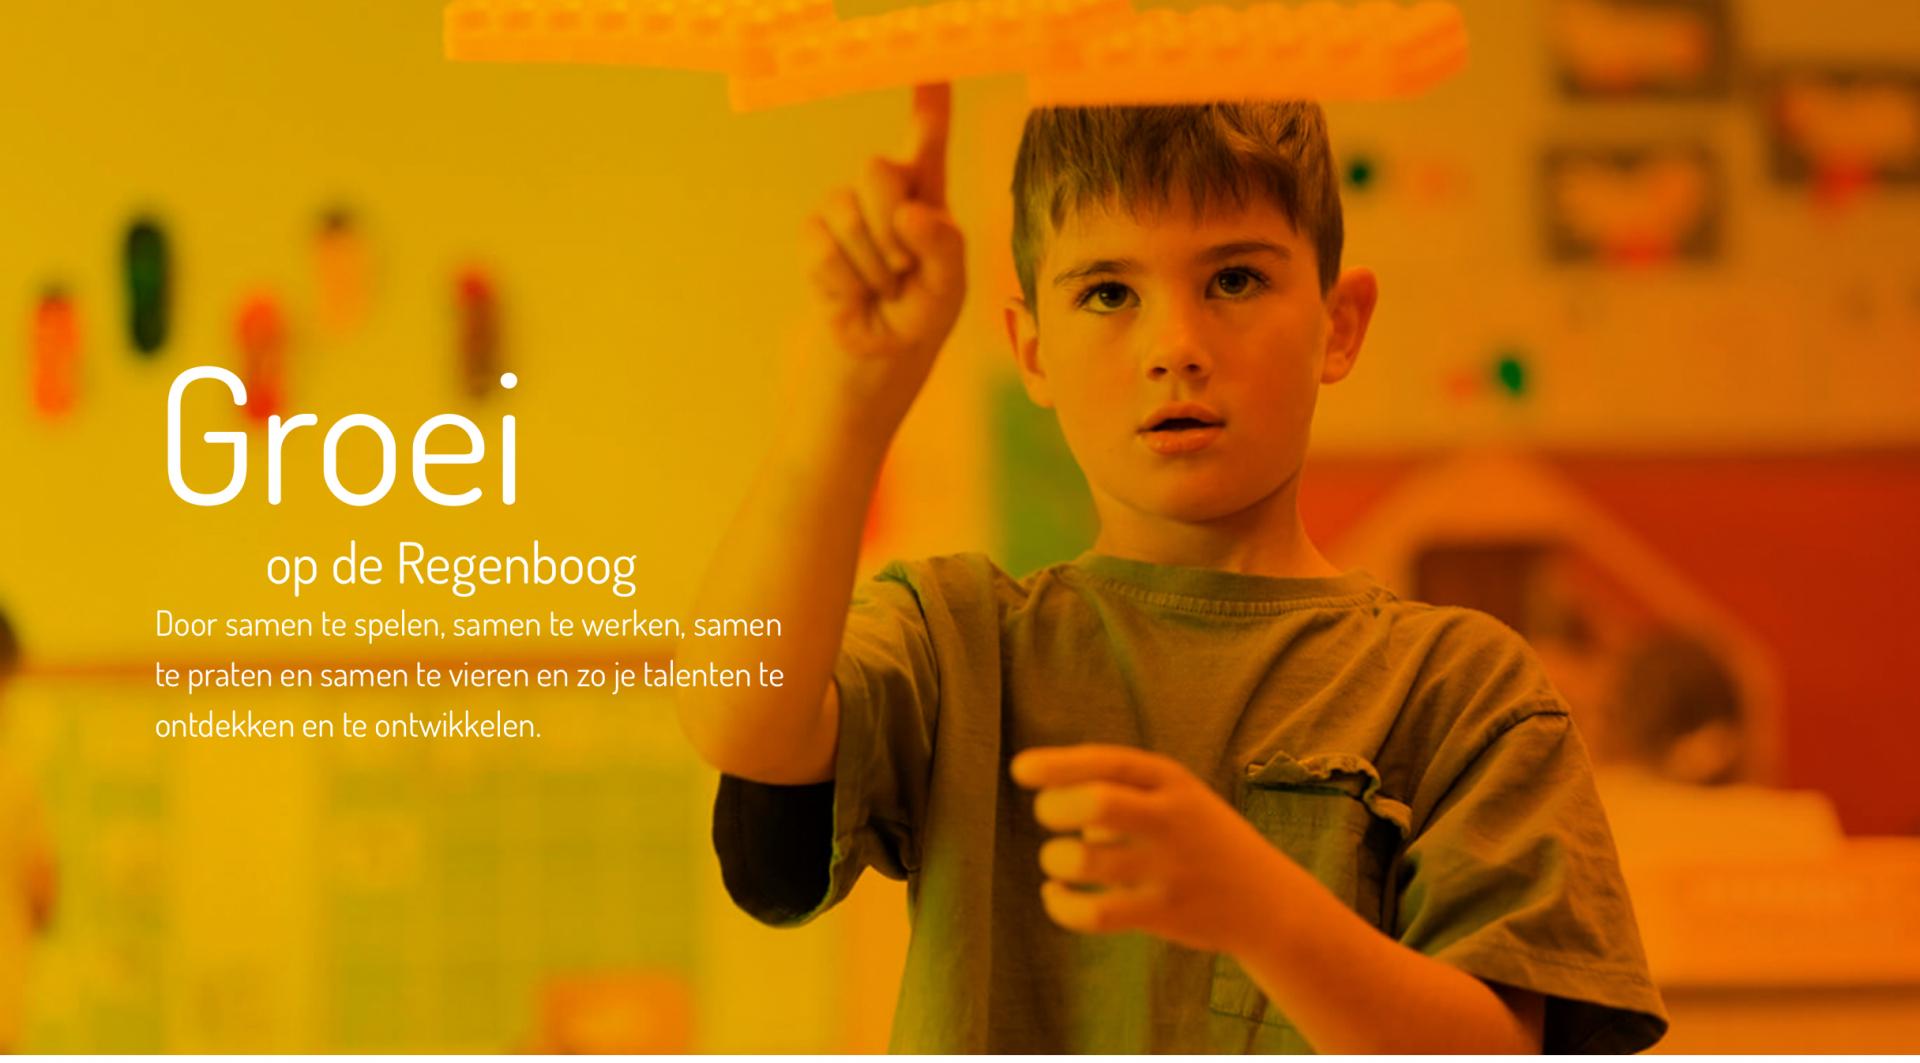 Nieuwe website voor de Regenboog